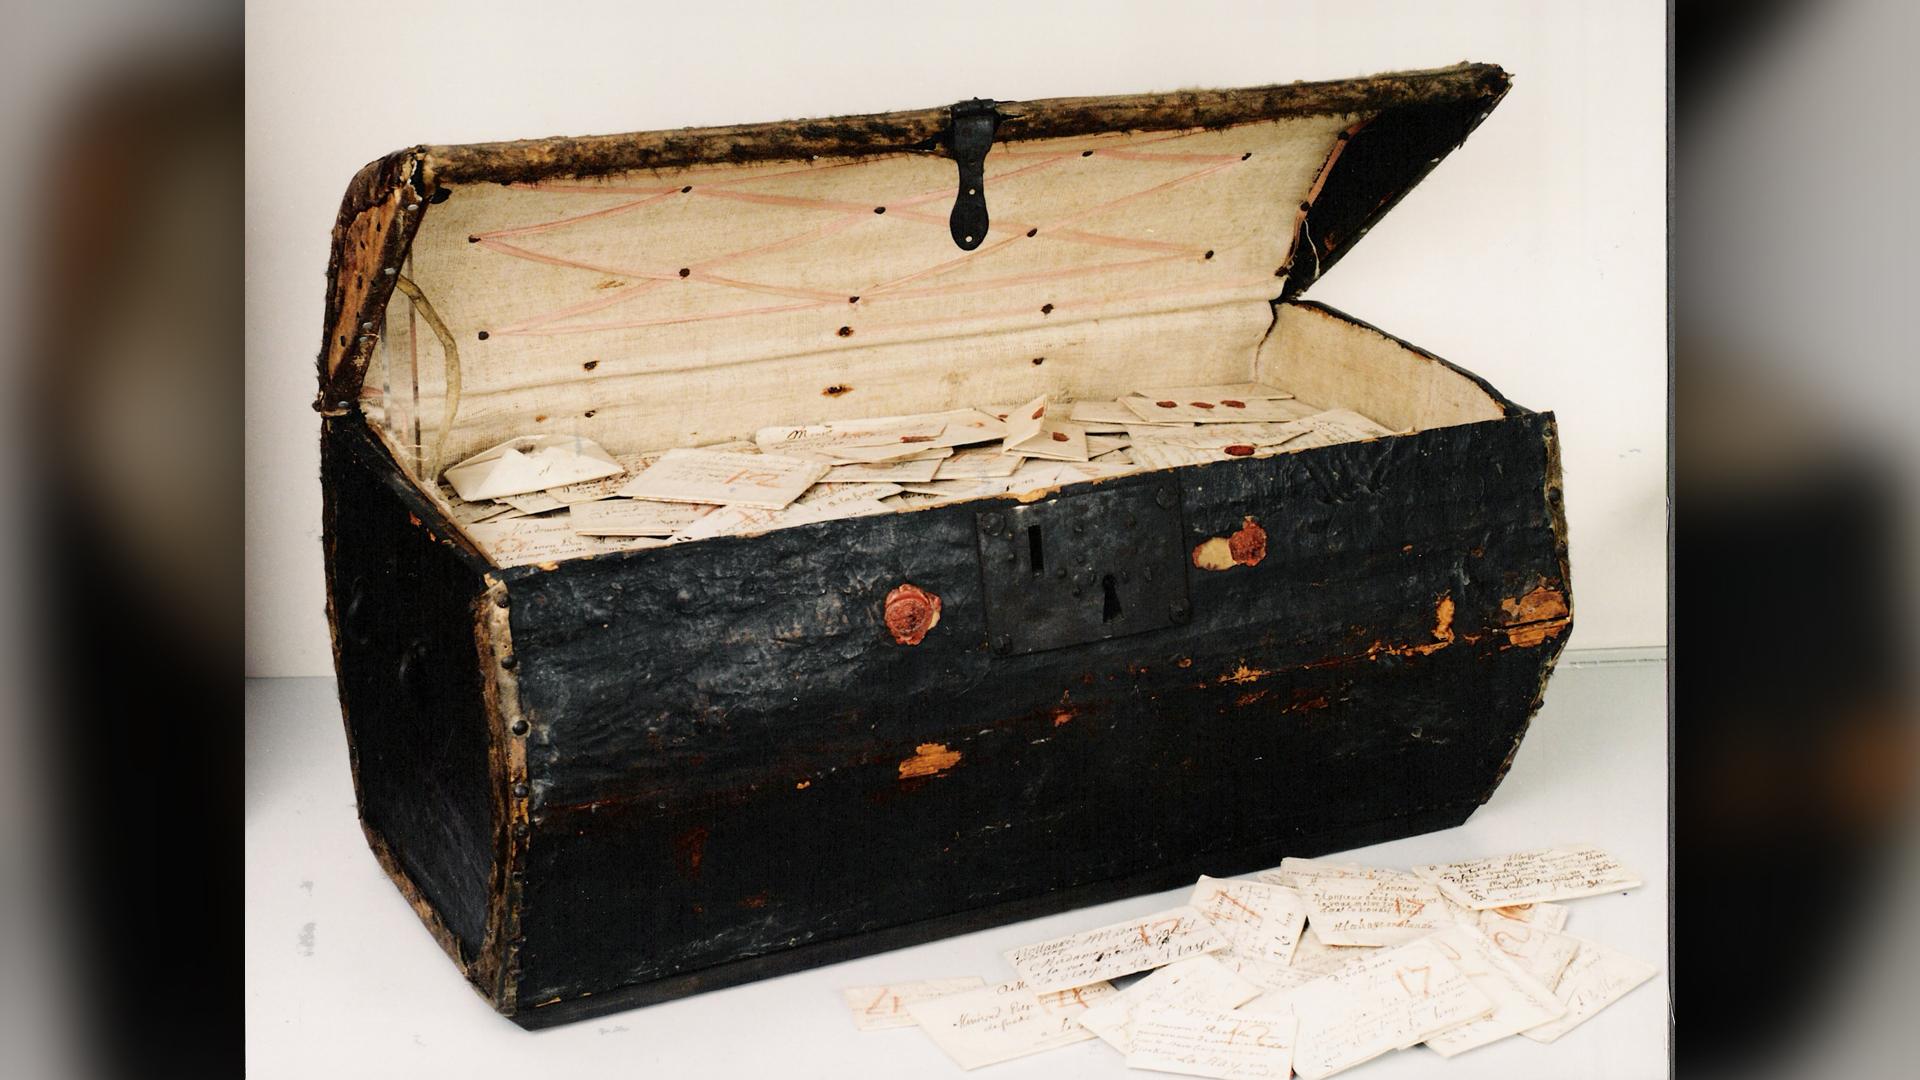 Une malle du XVIIe siècle léguée au musée postal néerlandais de La Haye contenait des milliers de lettres envoyées de toute l'Europe et qui n'ont jamais été livrées.